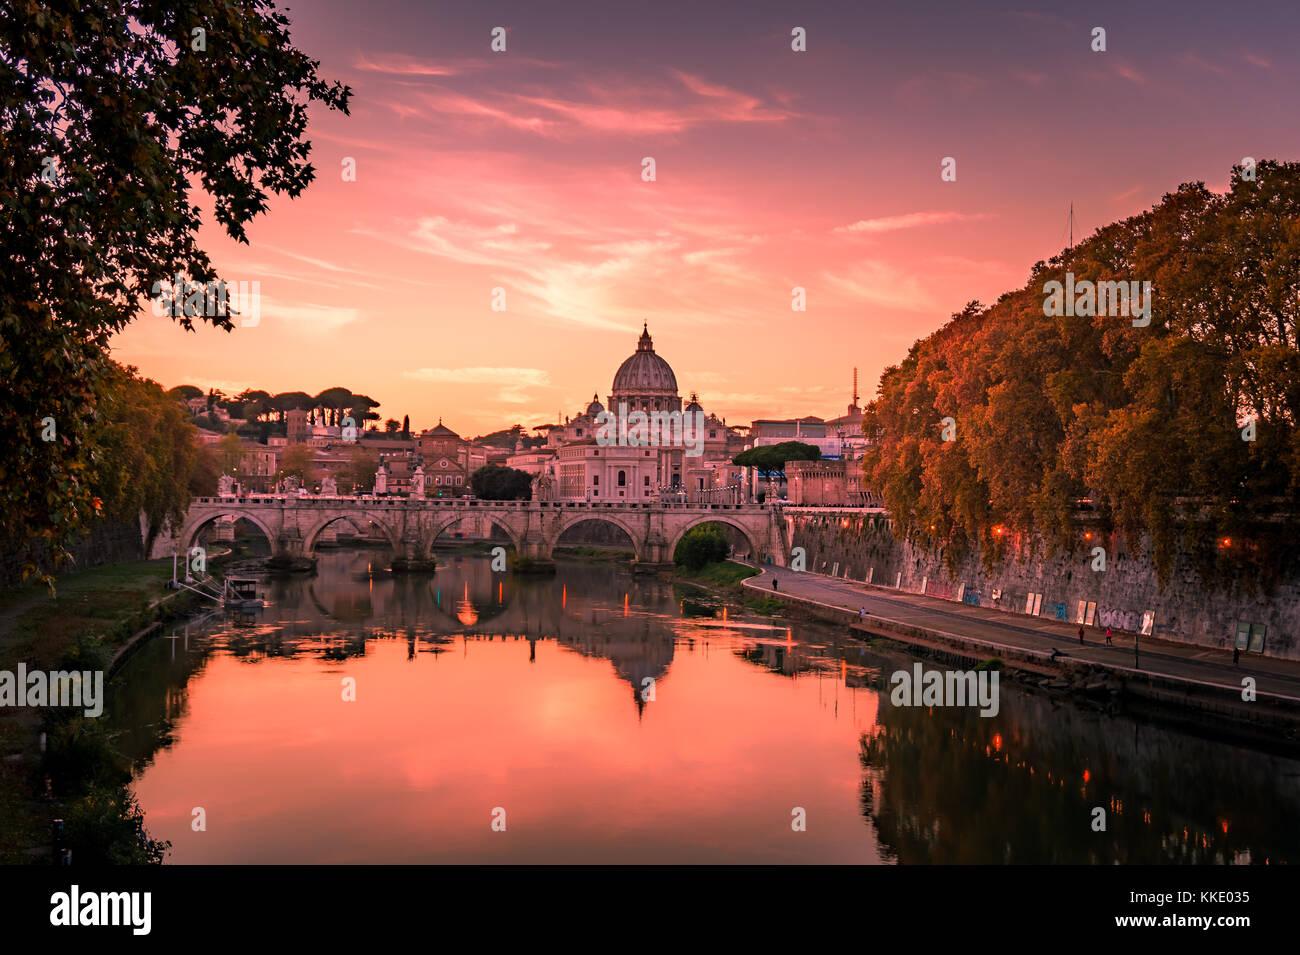 Schöne Aussicht auf die Basilika St. Peter im Vatikan Rom, Italien während der Sonnenuntergang im Herbst Stockbild